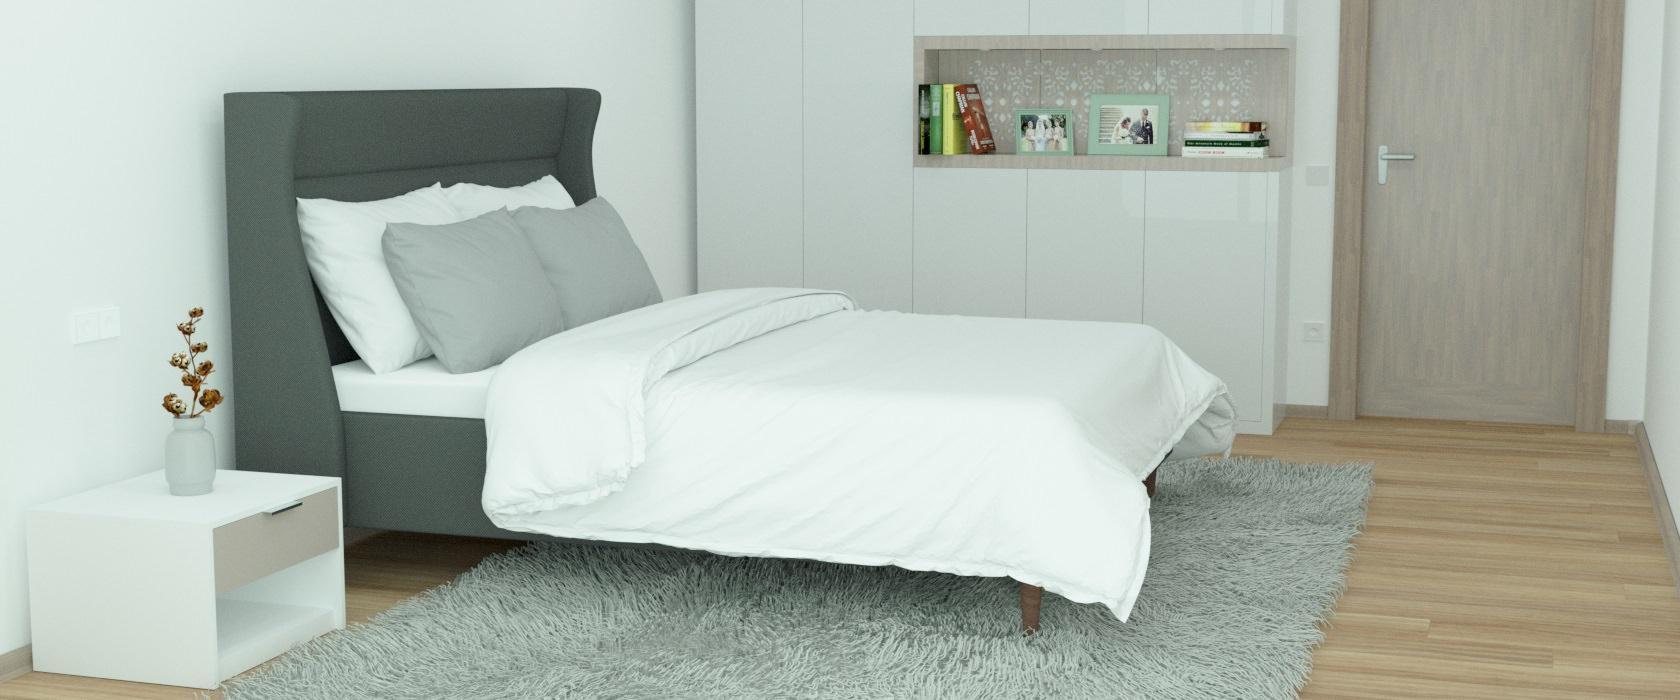 Кровать Crona - Фото 2 - Pufetto